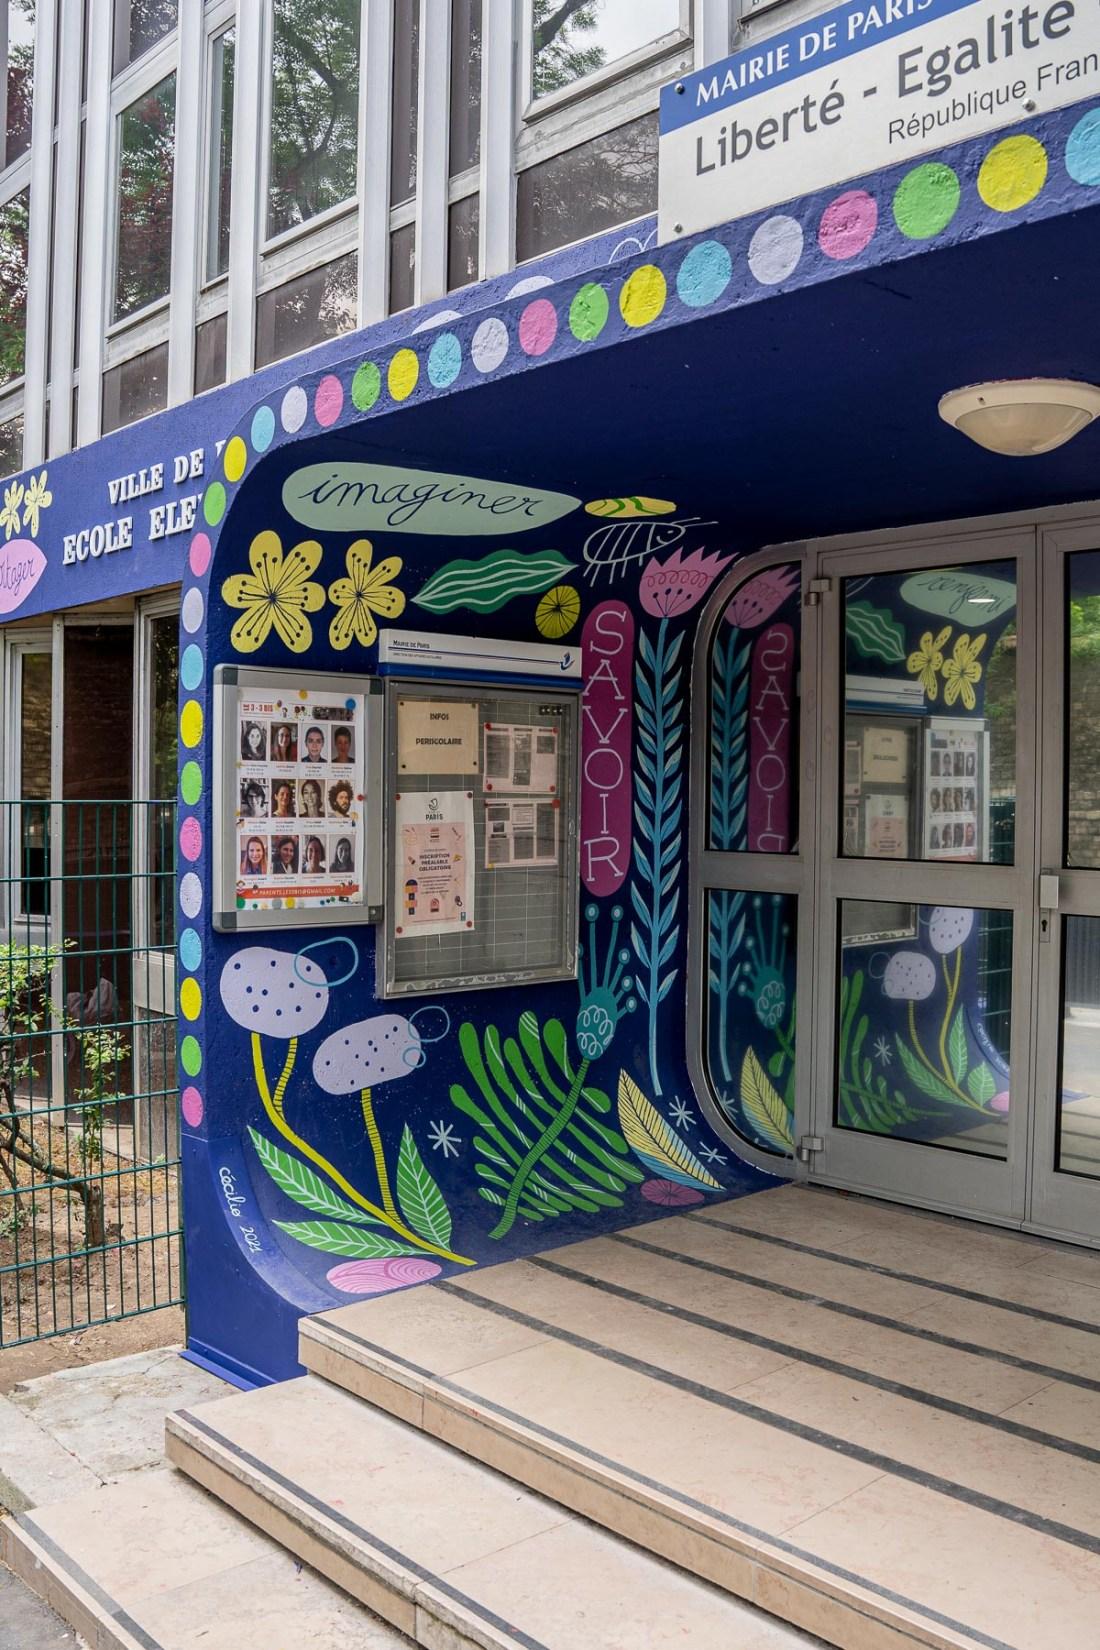 Photo du fronton de l'école primaire du 3, rue d'Alésia, repeint par l'artiste Cécile Jaillard / Cécilio, projet produit par l'association Hypermur.